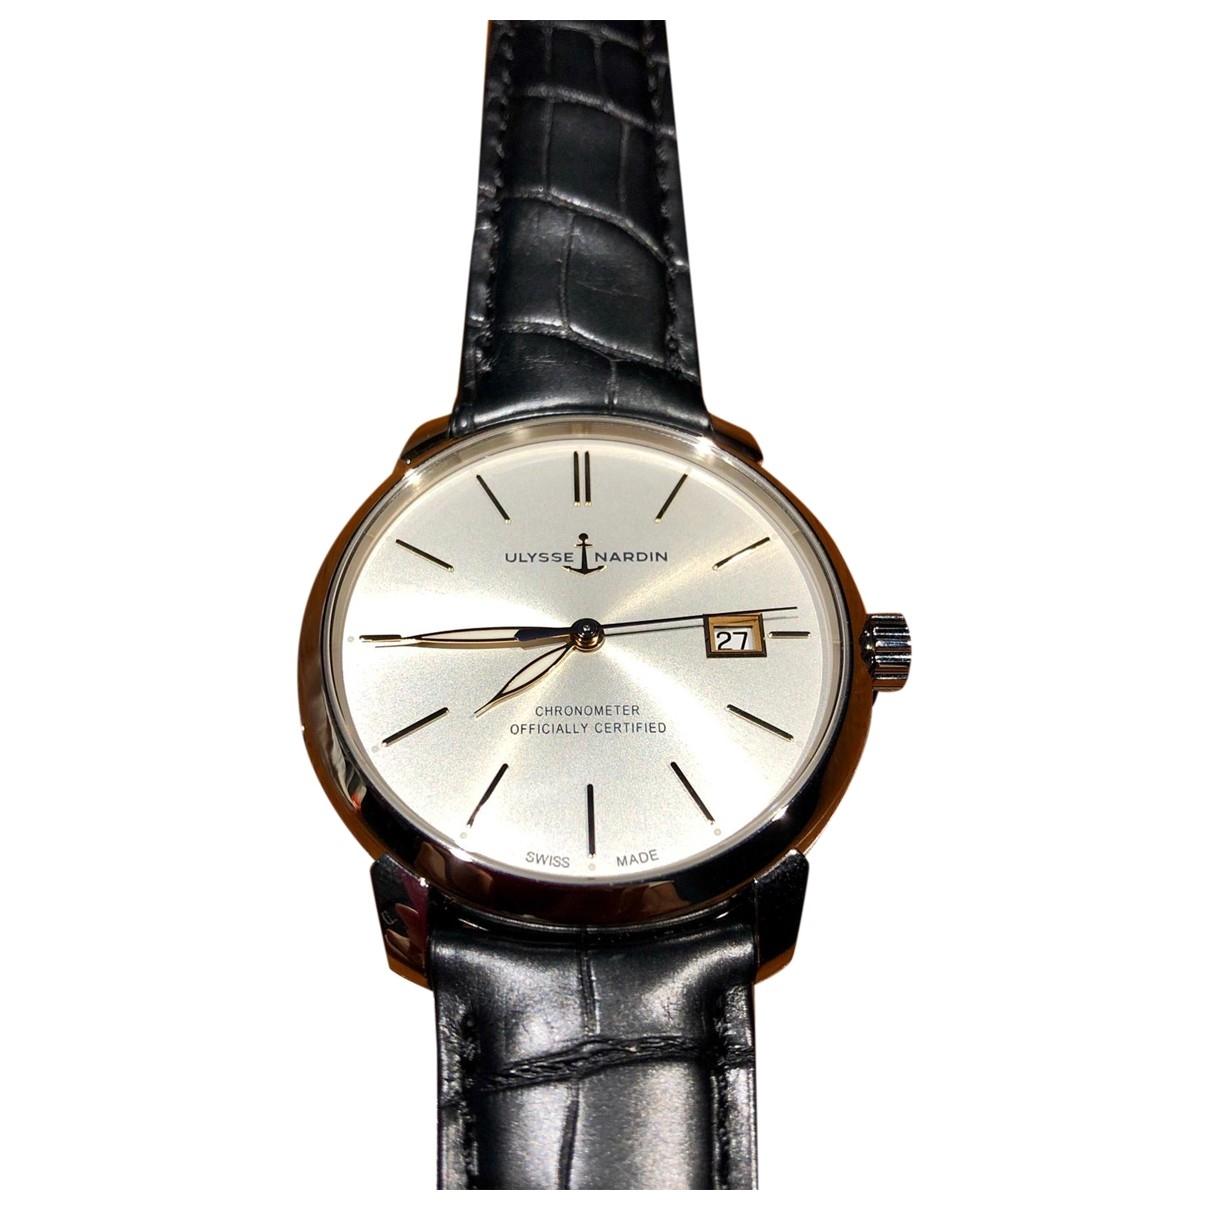 Ulysse Nardin \N Silver Steel watch for Men \N